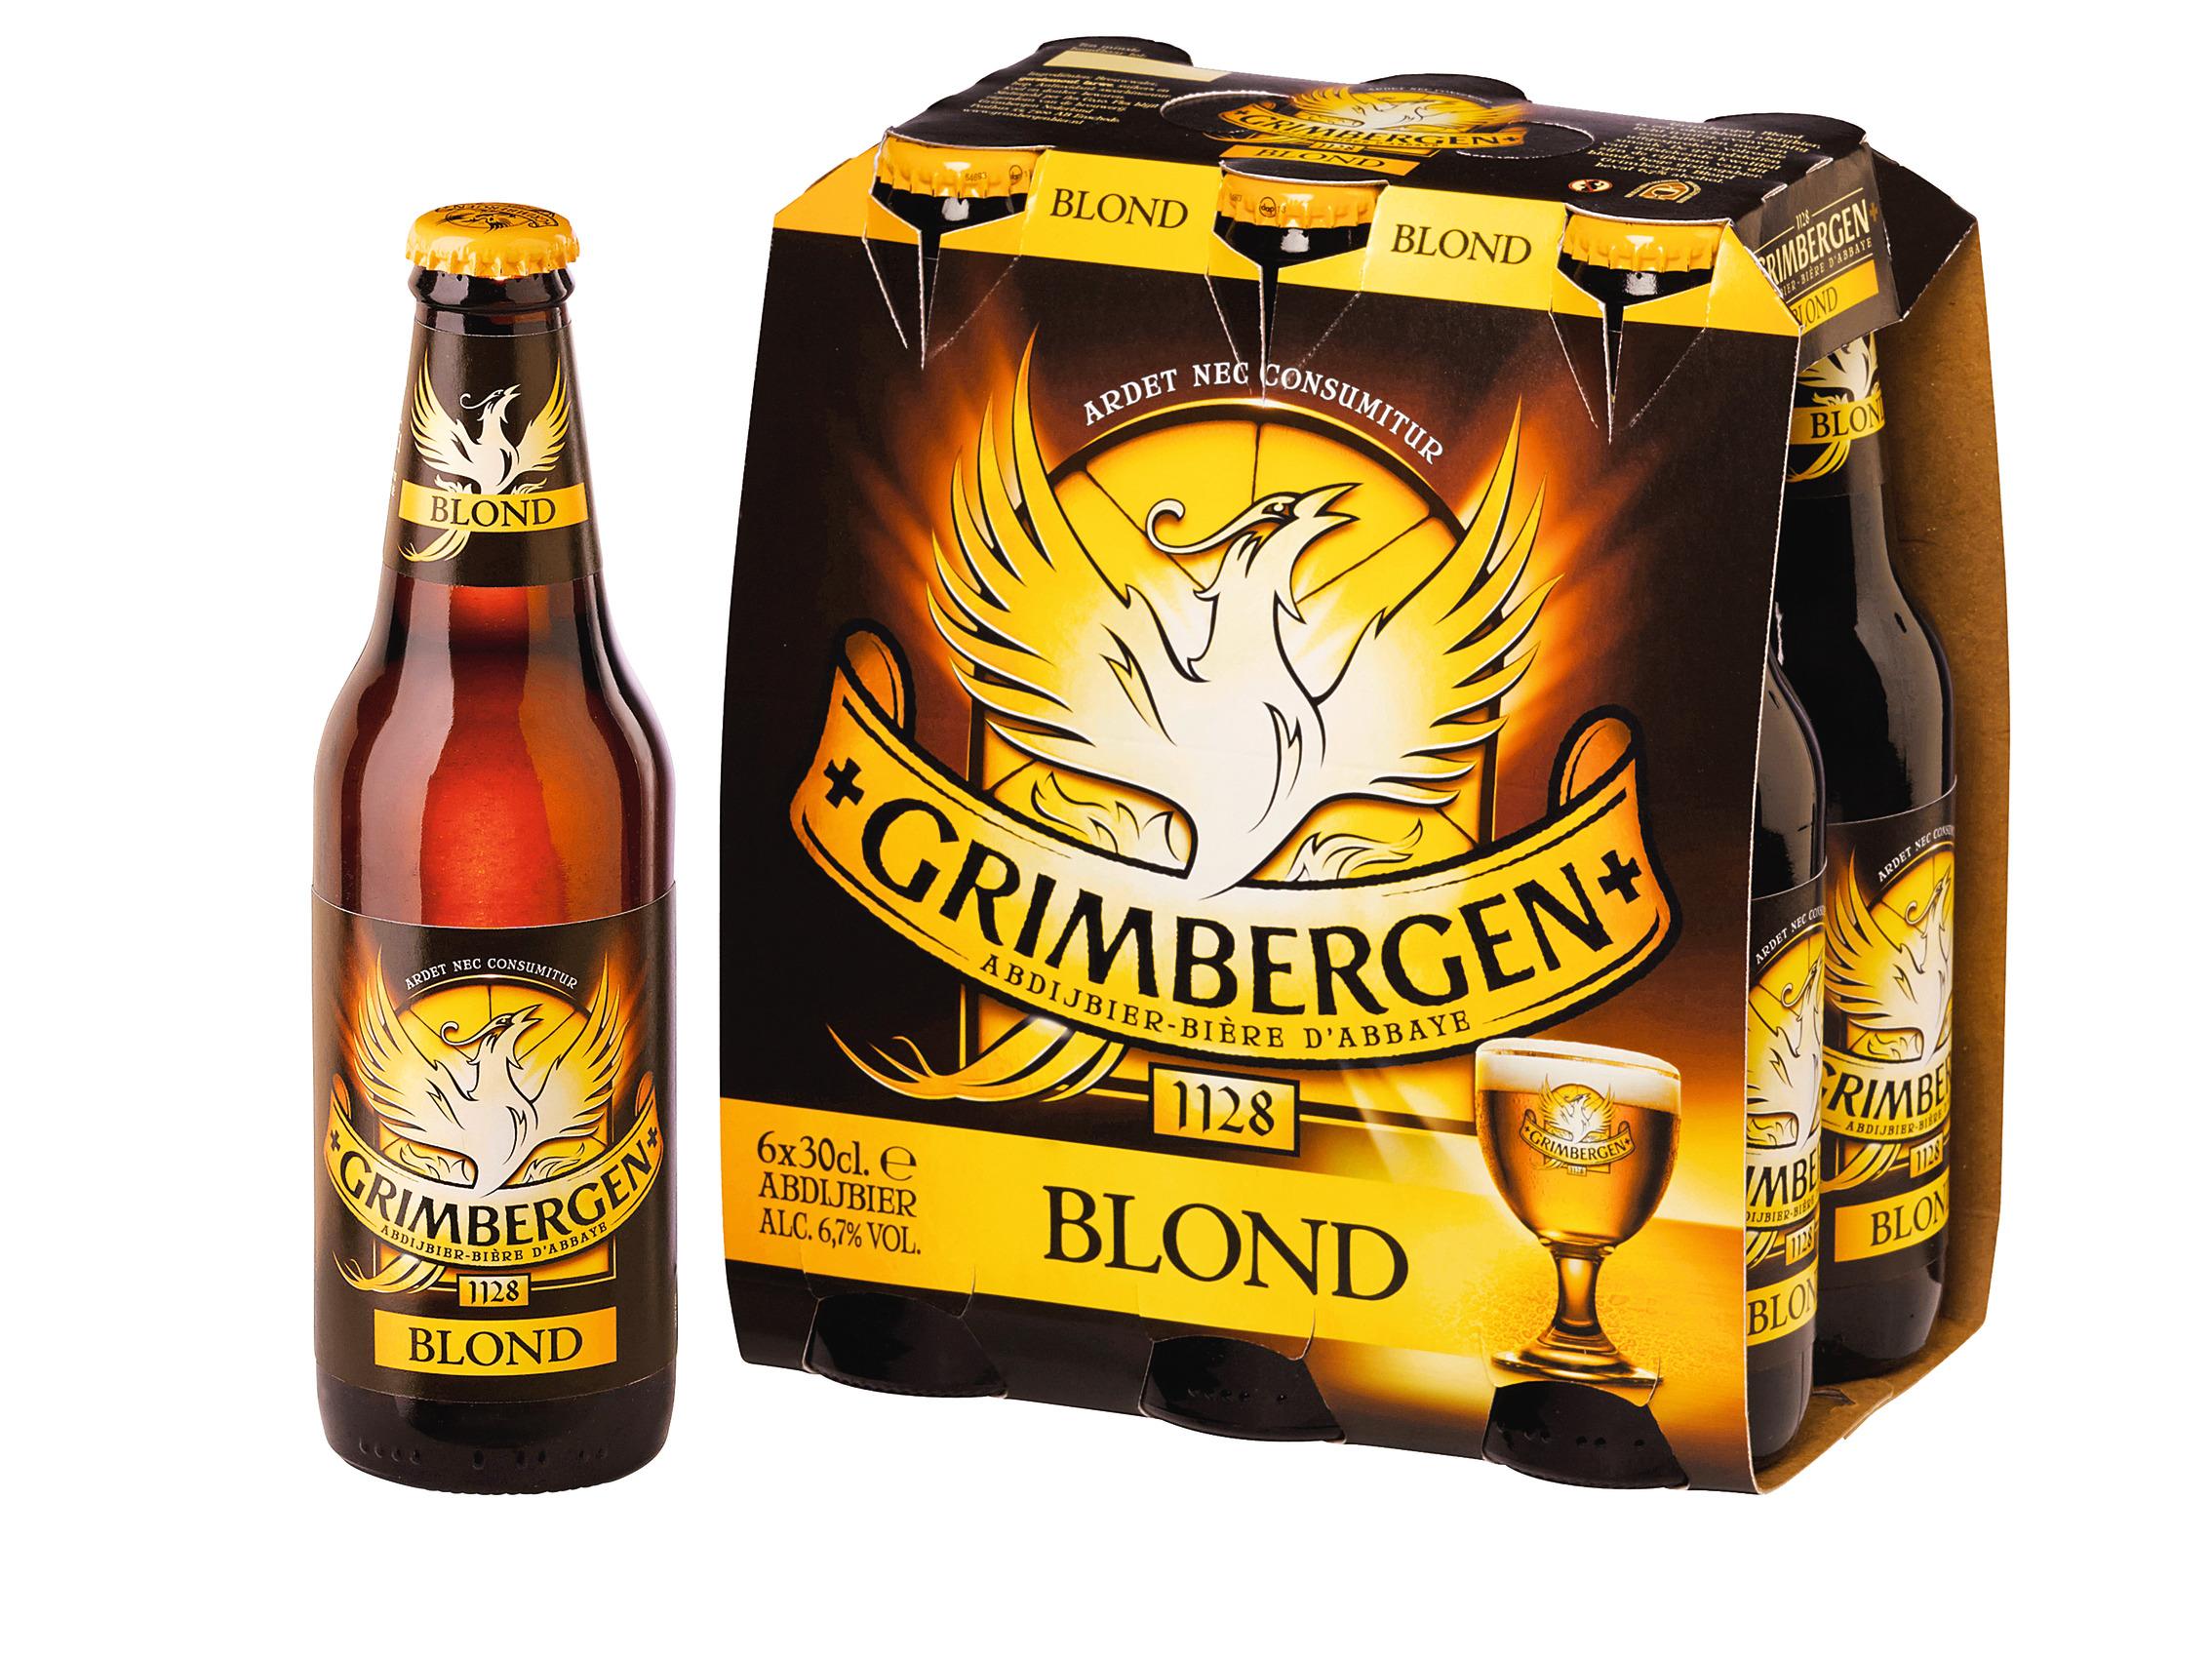 Grimbergen Blond